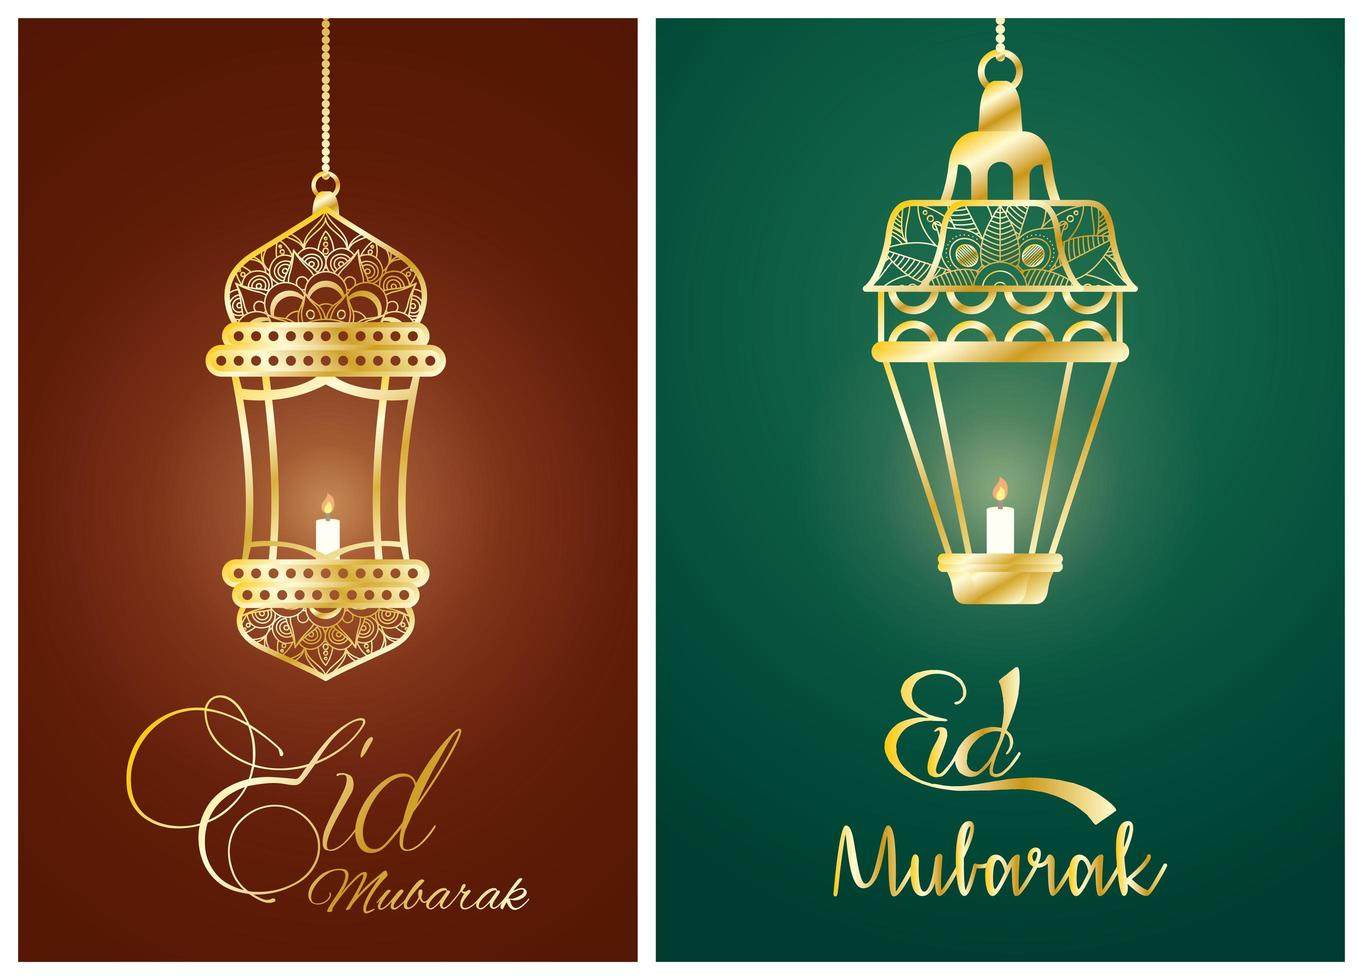 cartel de celebración de eid mubarak con lámparas colgantes vector